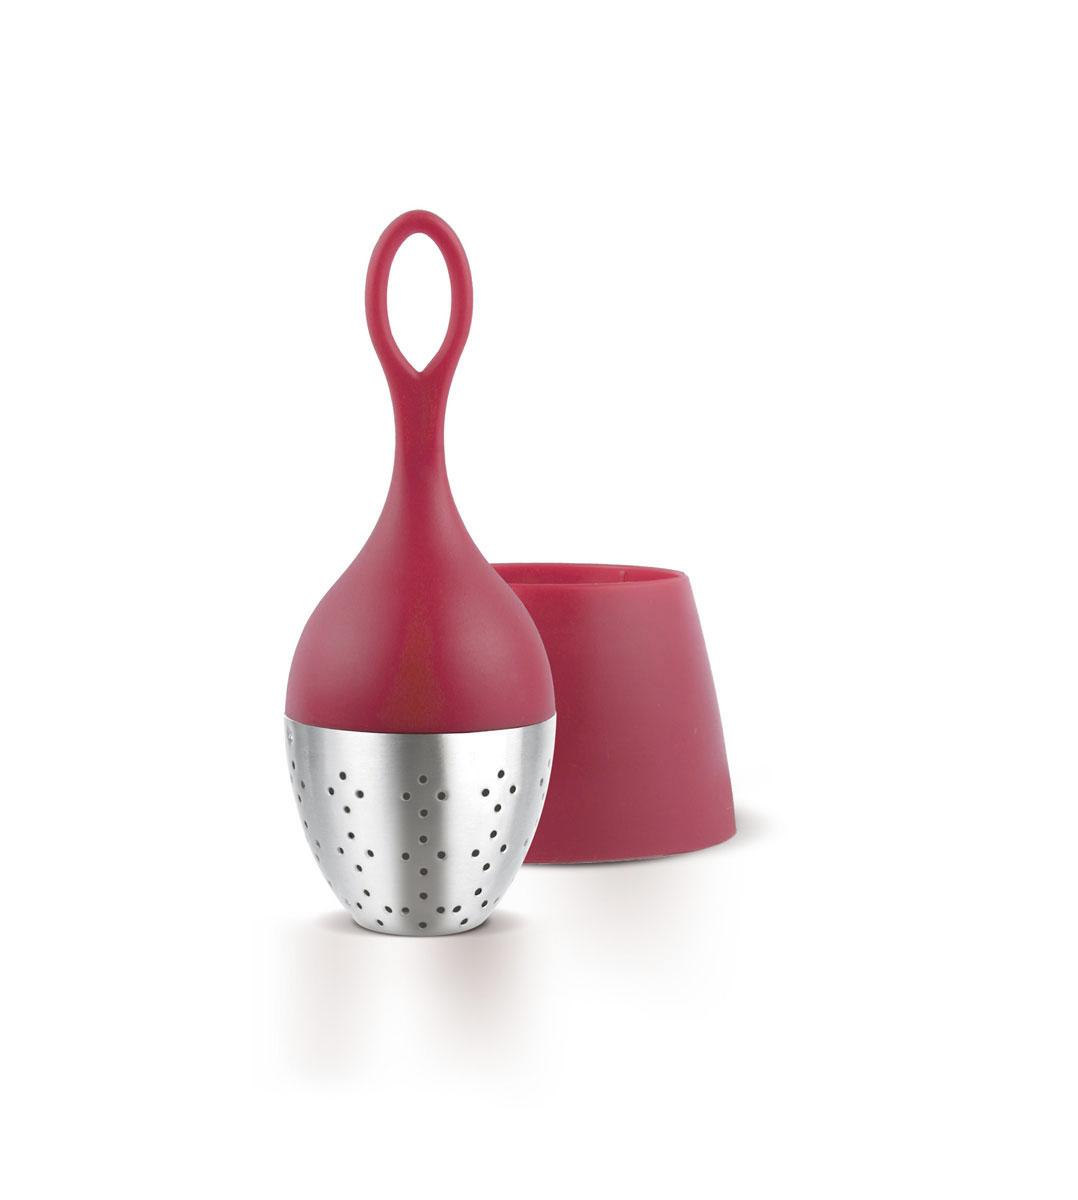 Ситечко для заваривания чая AdHoc, цвет: красный, стальной, диаметр 4 см010.050400.004Благодаря отлично сбалансированной форме и весу, ситечко для заваривания чая AdHoc плавает на поверхности и может быть легко удалено из чашки. Изделие выполнено из высококачественного пластика и нержавеющей стали. После заваривания устанавливается в подставку, где собираются последние капли. Размер ситечка: 4 х 4 х 11 см. Размер подставки: 6 х 6 х 4,5 см.